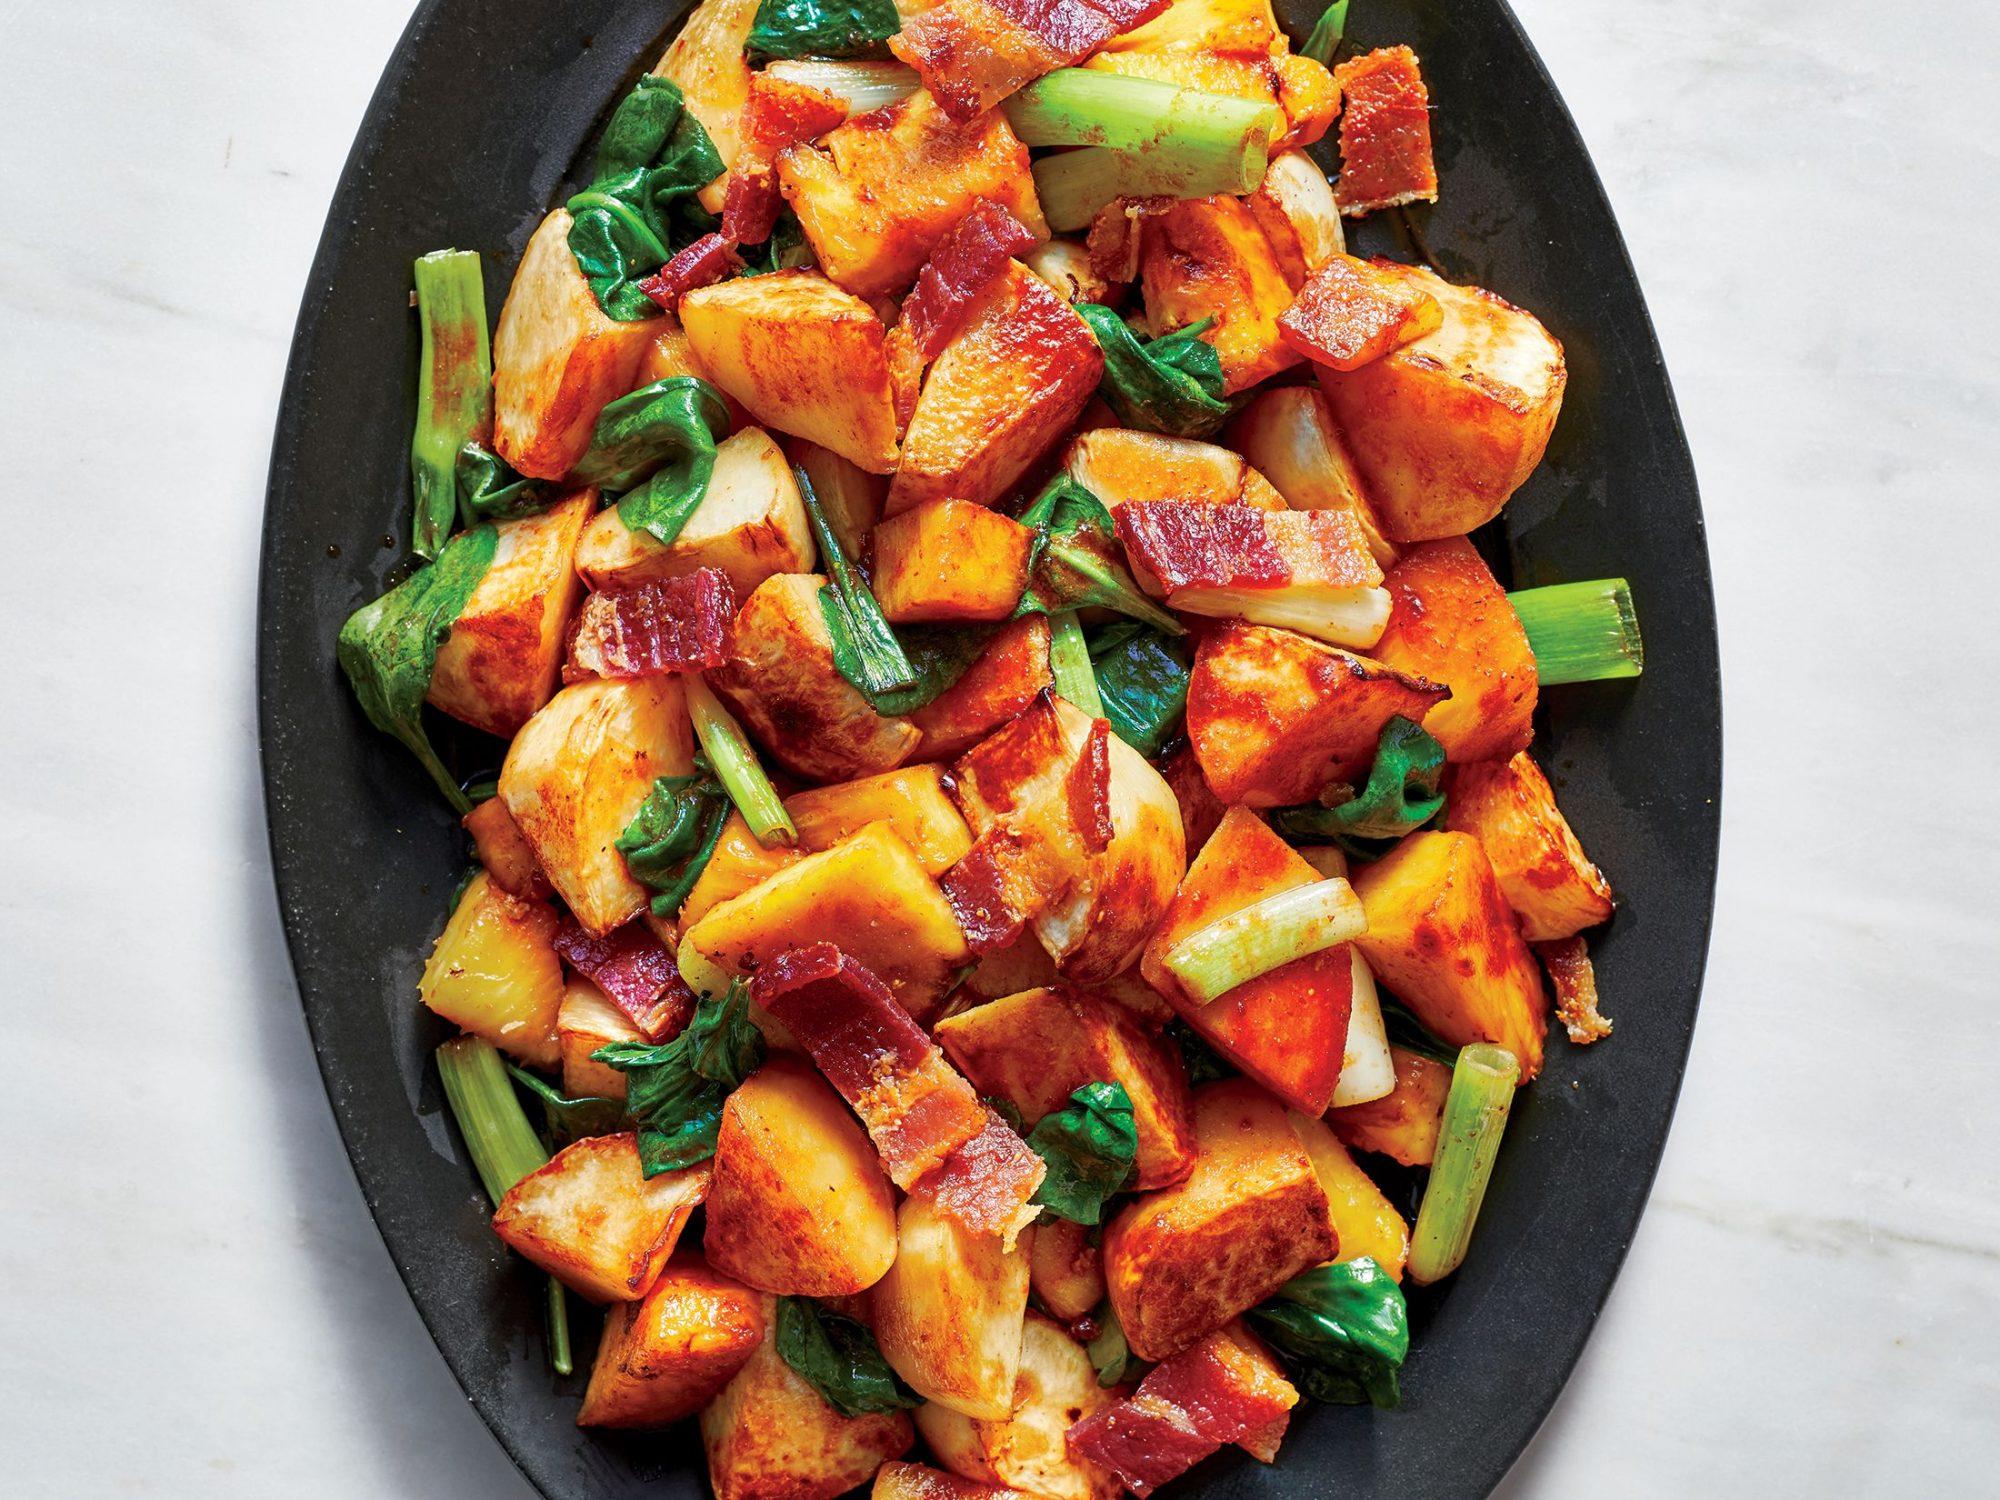 Stir-Fried Turnips